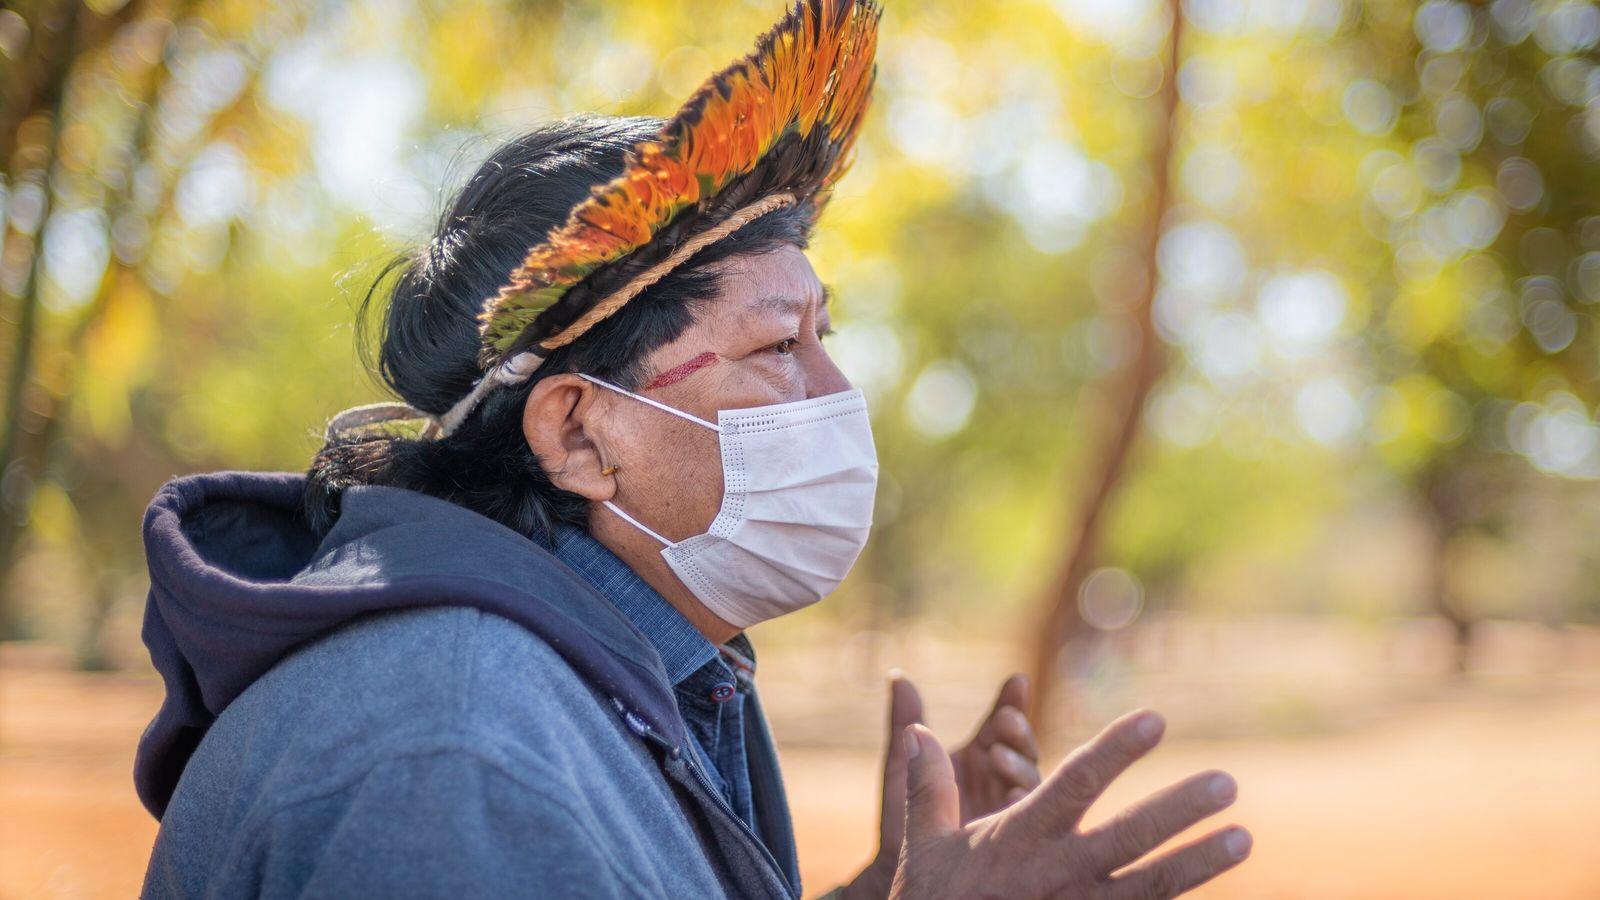 Davi Kopenawa em entrevista à National Geographic no Parque da Cidade de Brasília, Distrito Federal.